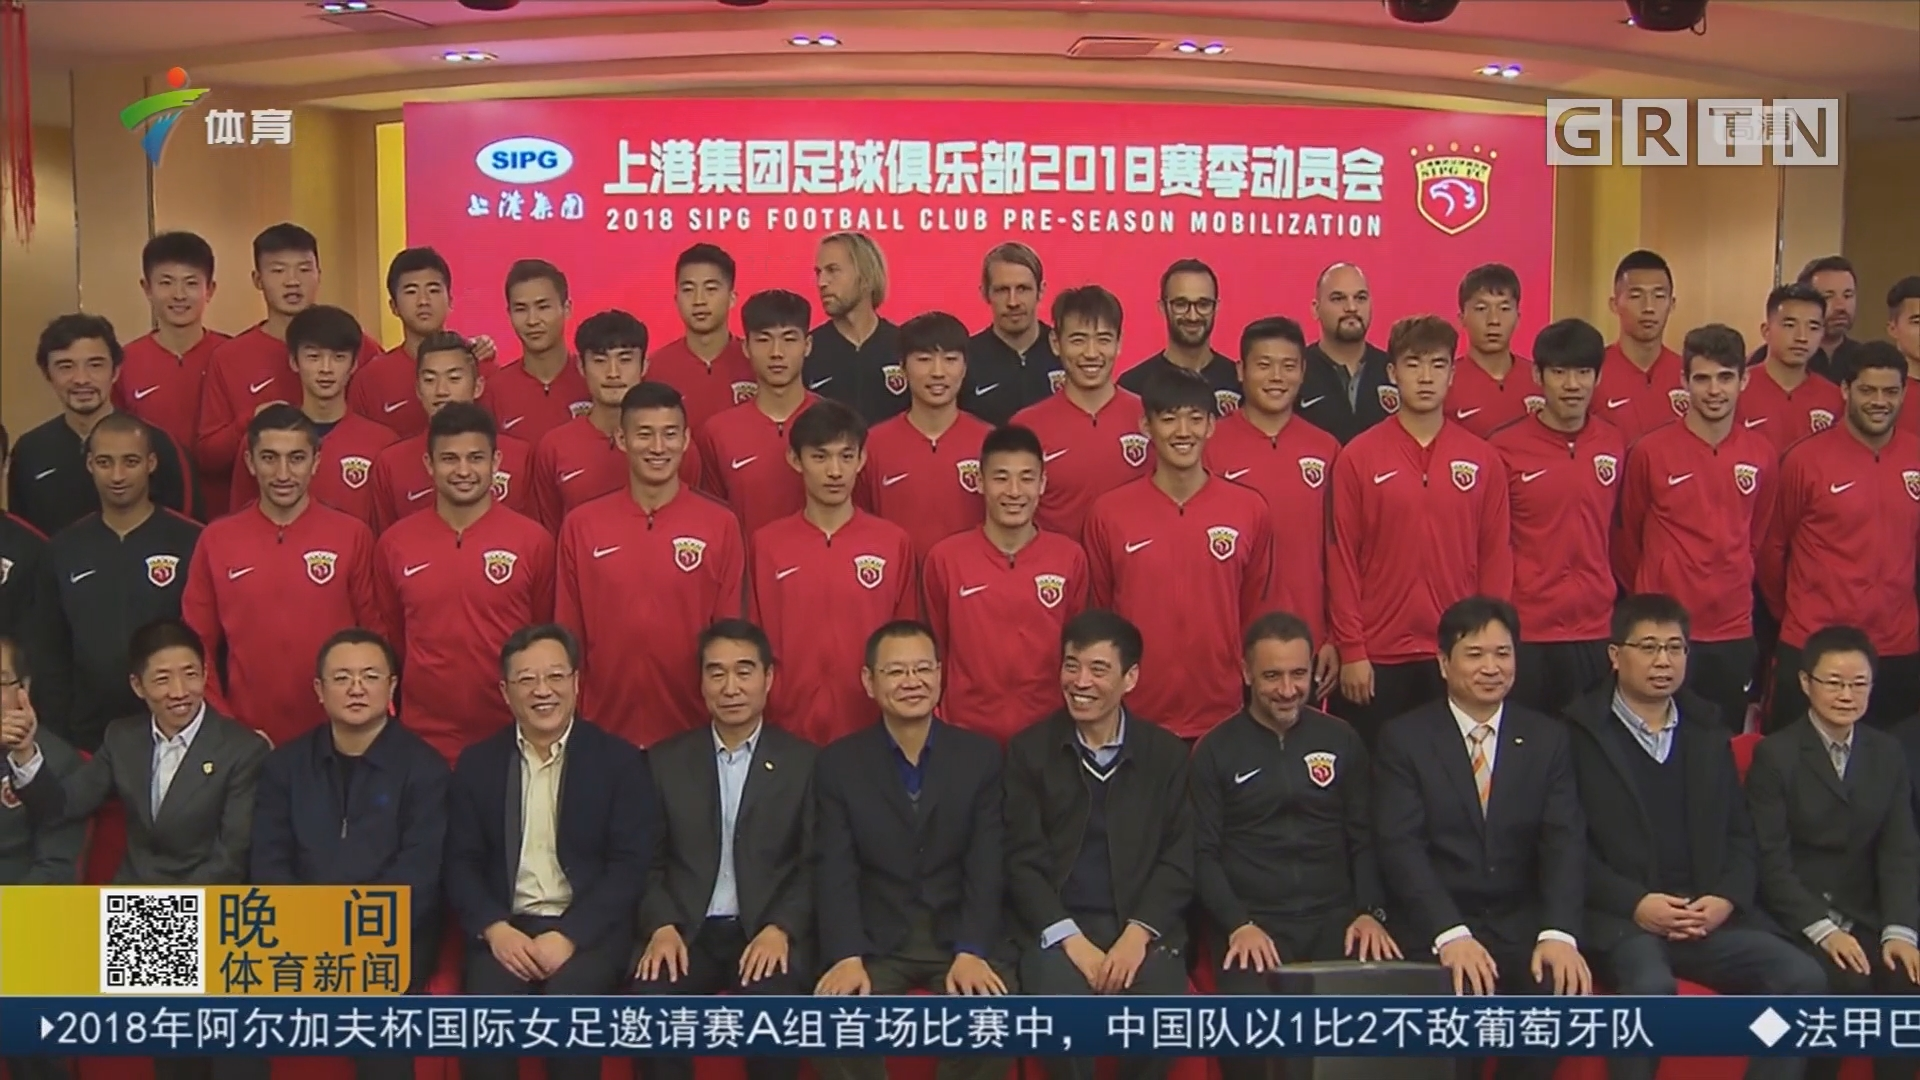 上港动员迎新赛季 强调赛风赛纪力求进步